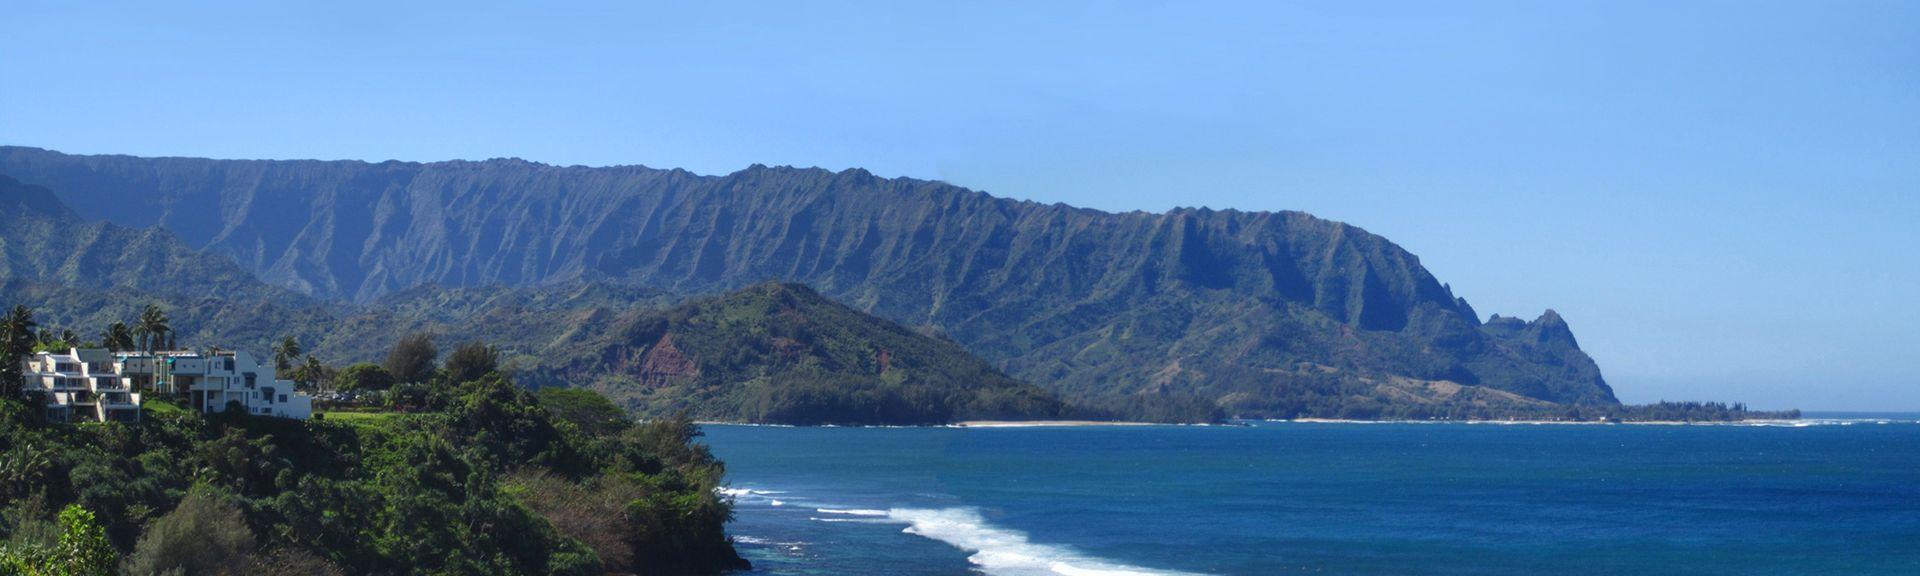 Παραλία Kee, Haena, Χαβάη, Ηνωμένες Πολιτείες